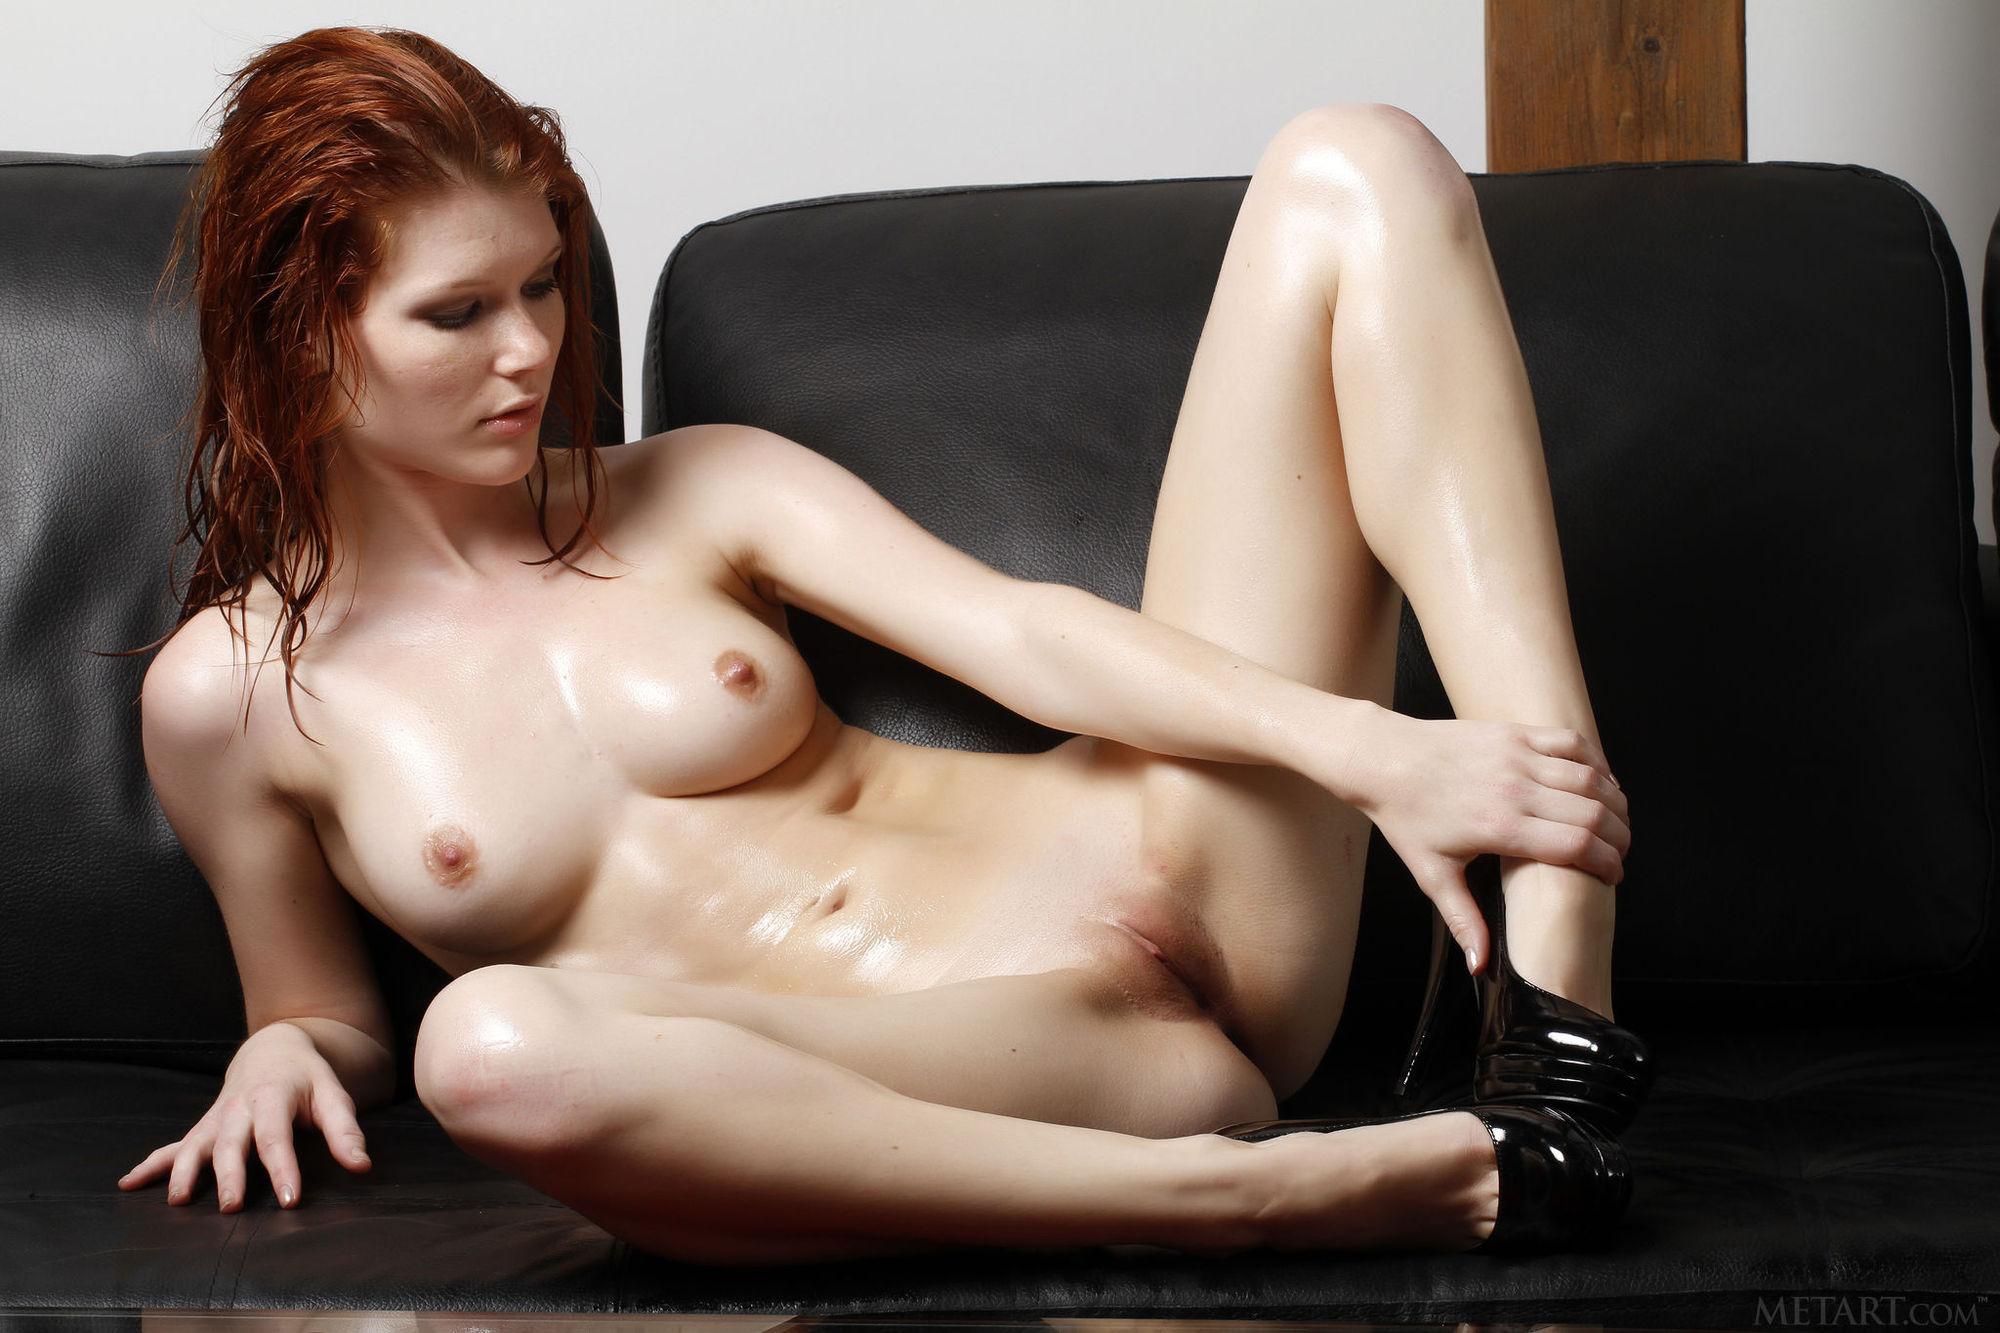 Фото порнозвезд с веснушками, Классное порно фото на Возбуждает! 22 фотография